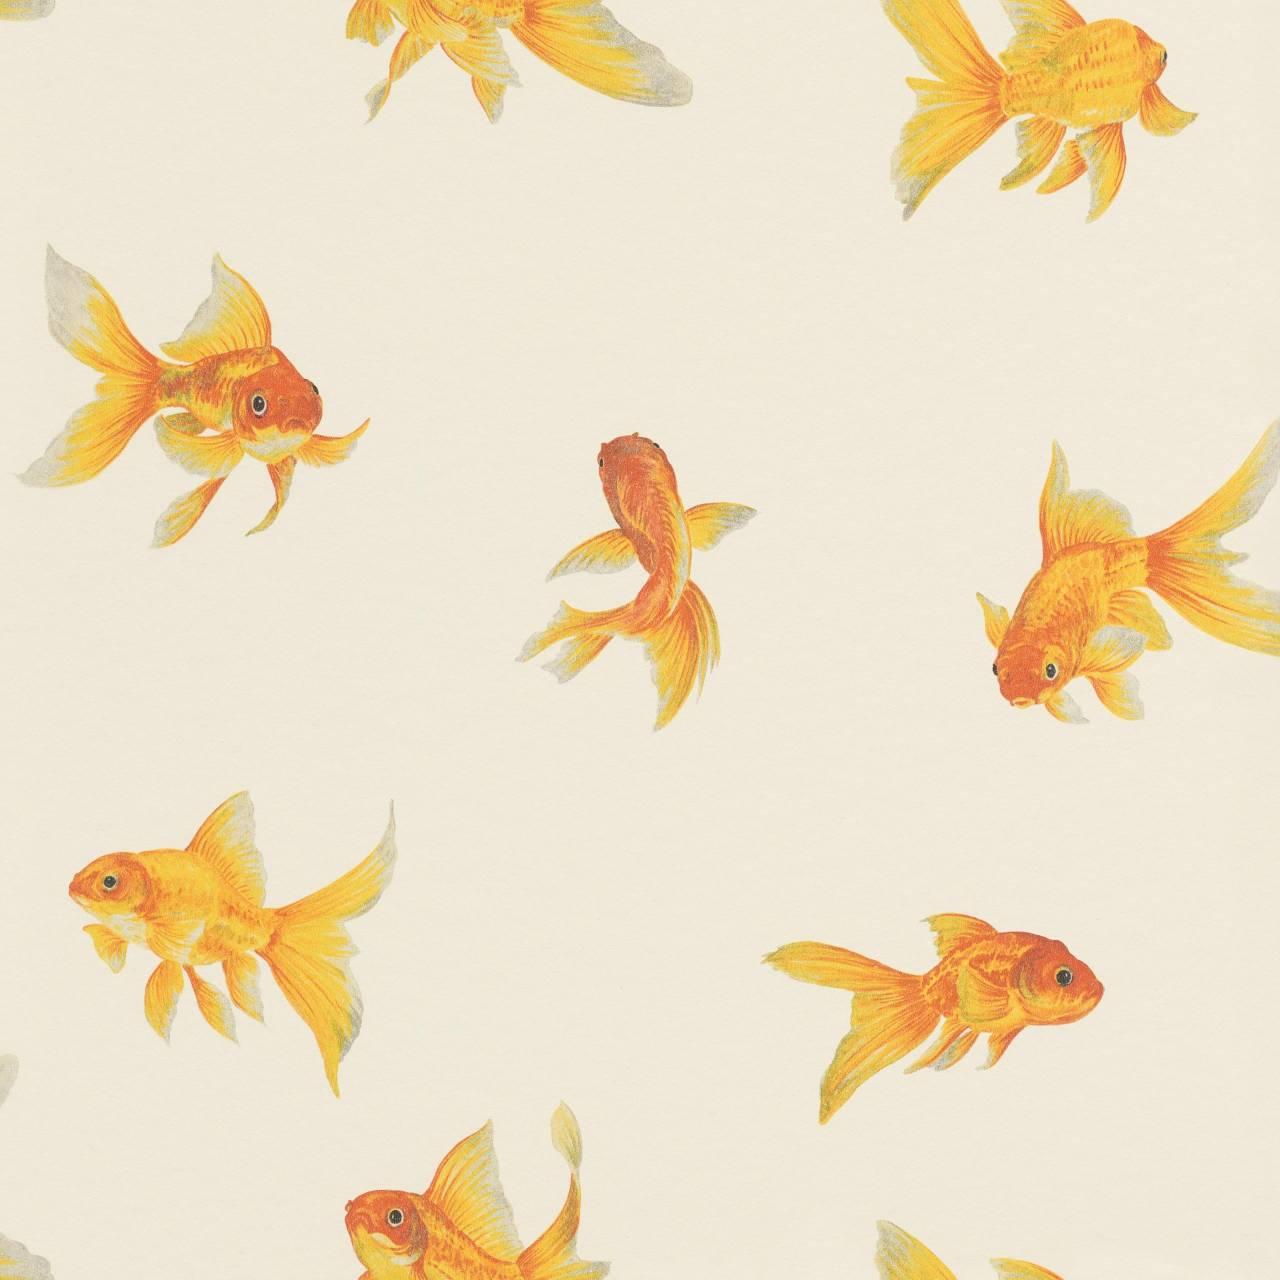 Tapete mit Goldfischen